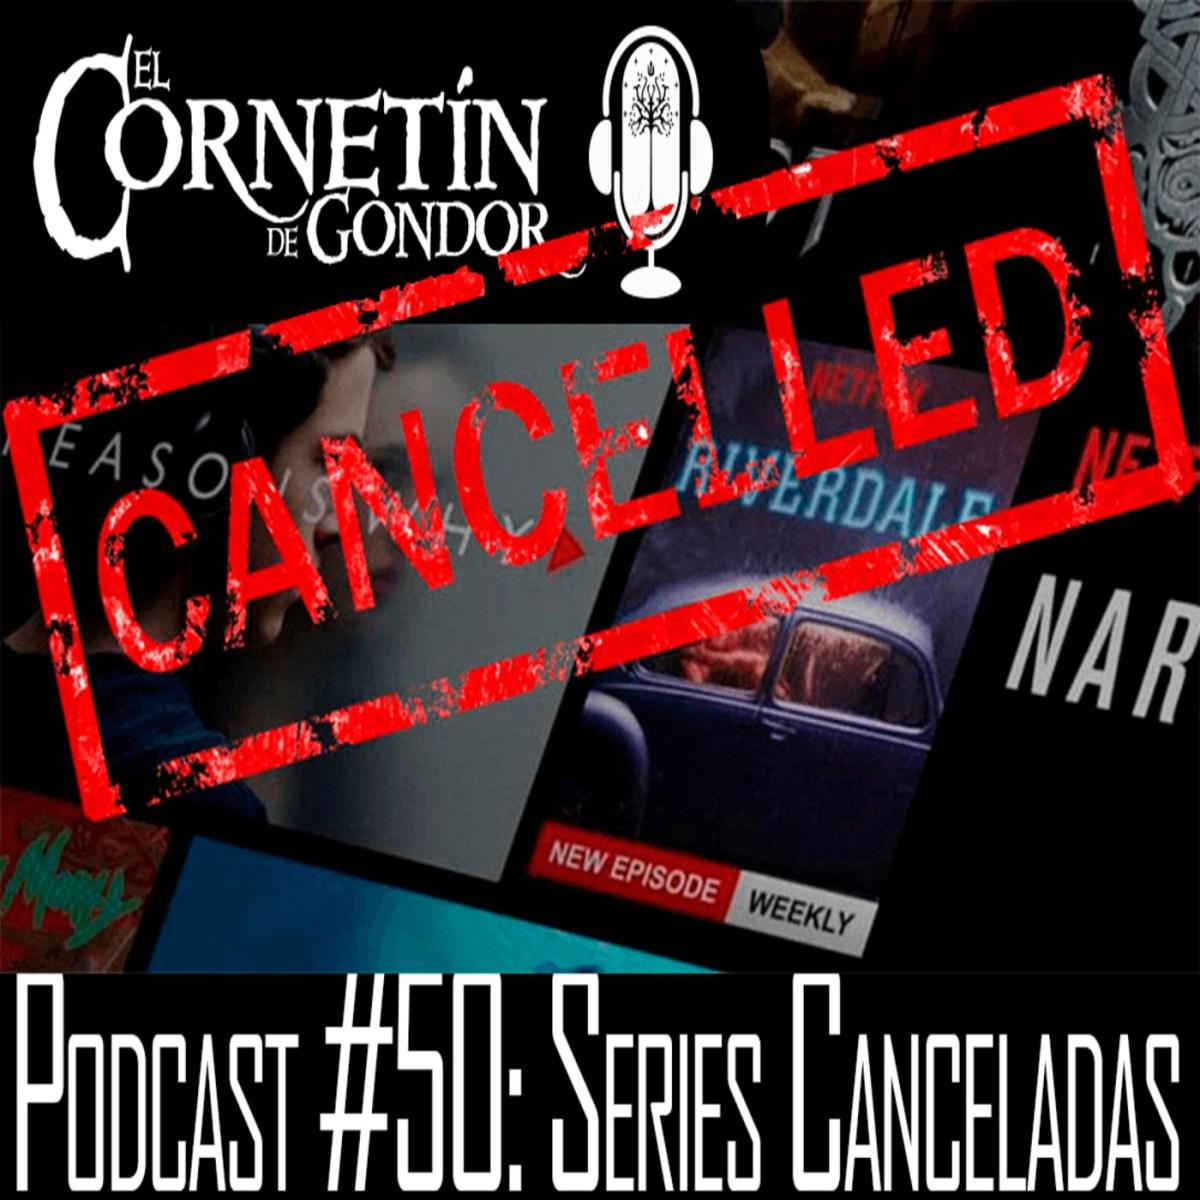 Podcast #50: Series Canceladas